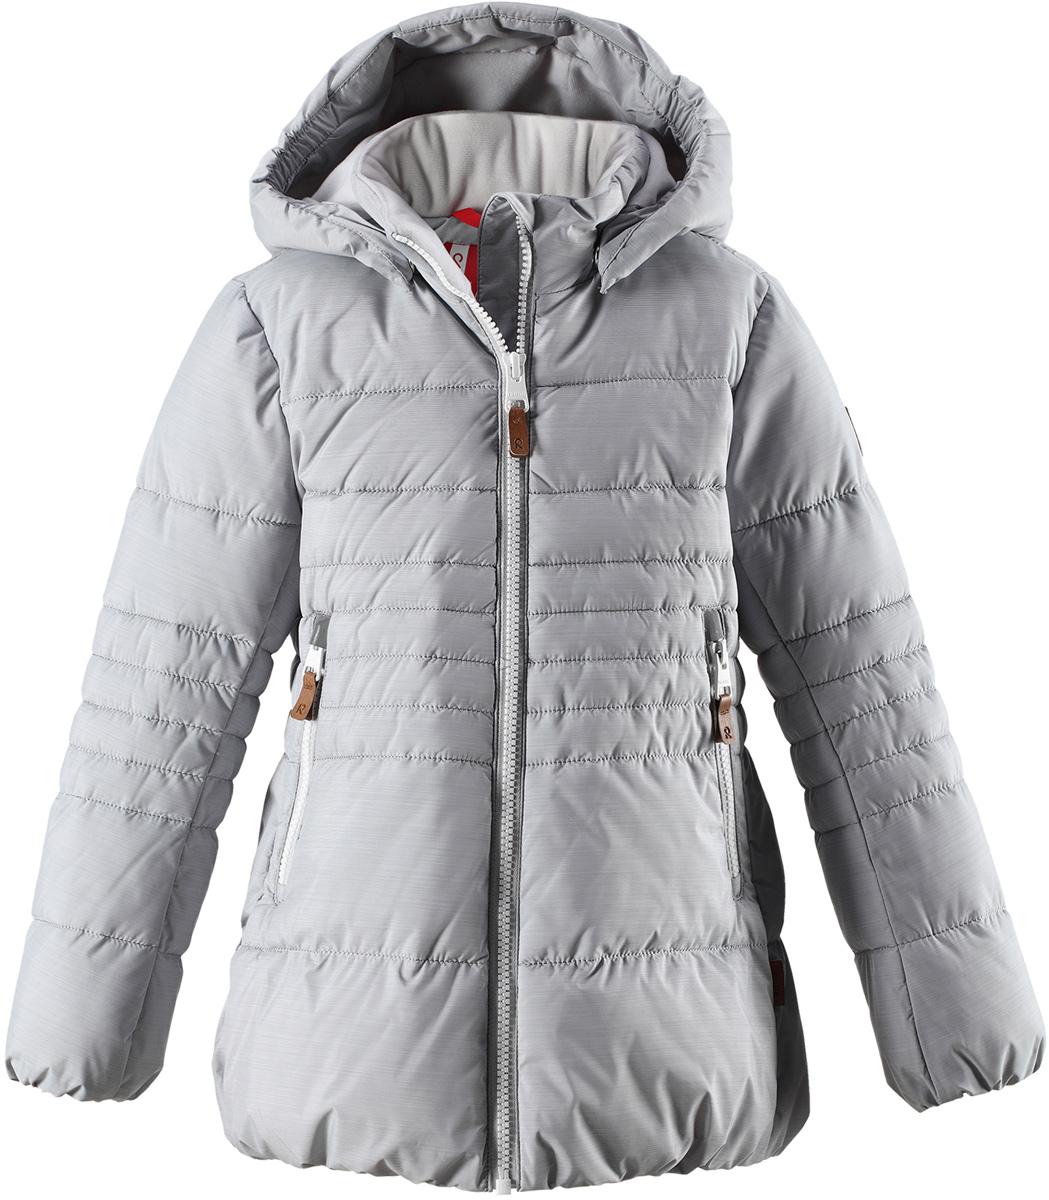 Куртка для девочки Reima Liisa, цвет: серый. 5313039140. Размер 1585313039140Детская непромокаемая зимняя куртка изготовлена из водо- и ветронепроницаемого, дышащего материала с грязеотталкивающими свойствами. Благодаря гладкой подкладке из полиэстера, куртку легко надевать и удобно носить даже с дополнительным теплым промежуточным слоем. Эта модель для девочек снабжена эластичным подолом и манжетами. Съемный и регулируемый капюшон защищает от пронизывающего ветра и дождя, а еще он безопасен во время игр на свежем воздухе. В куртке предусмотрены два кармана на молнии и светоотражающие детали.Средняя степень утепления.